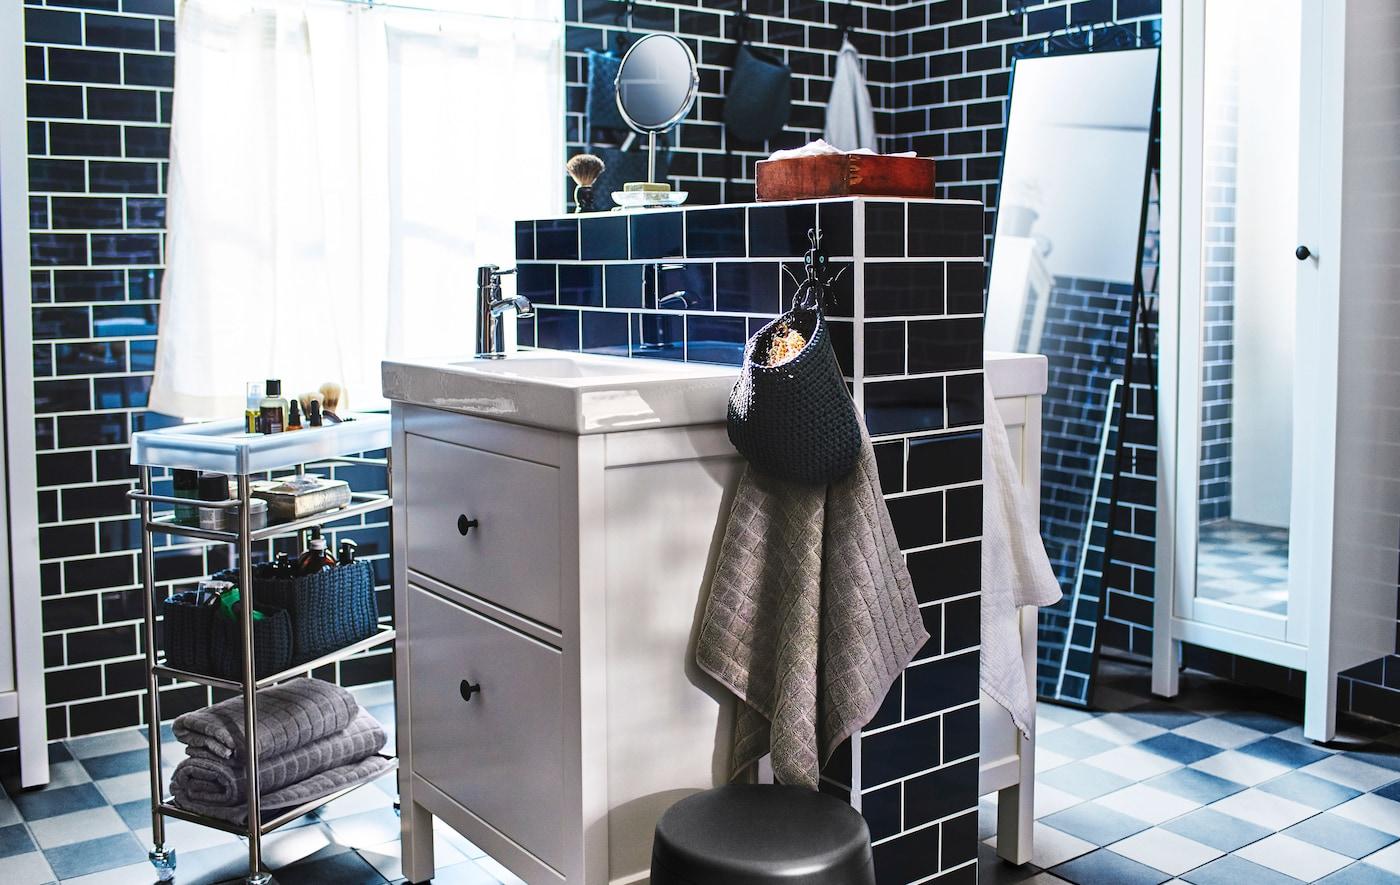 Dos lavabos de baño cuyas partes traseras se montan una contra la otra en el centro de un gran baño de azulejos negros.